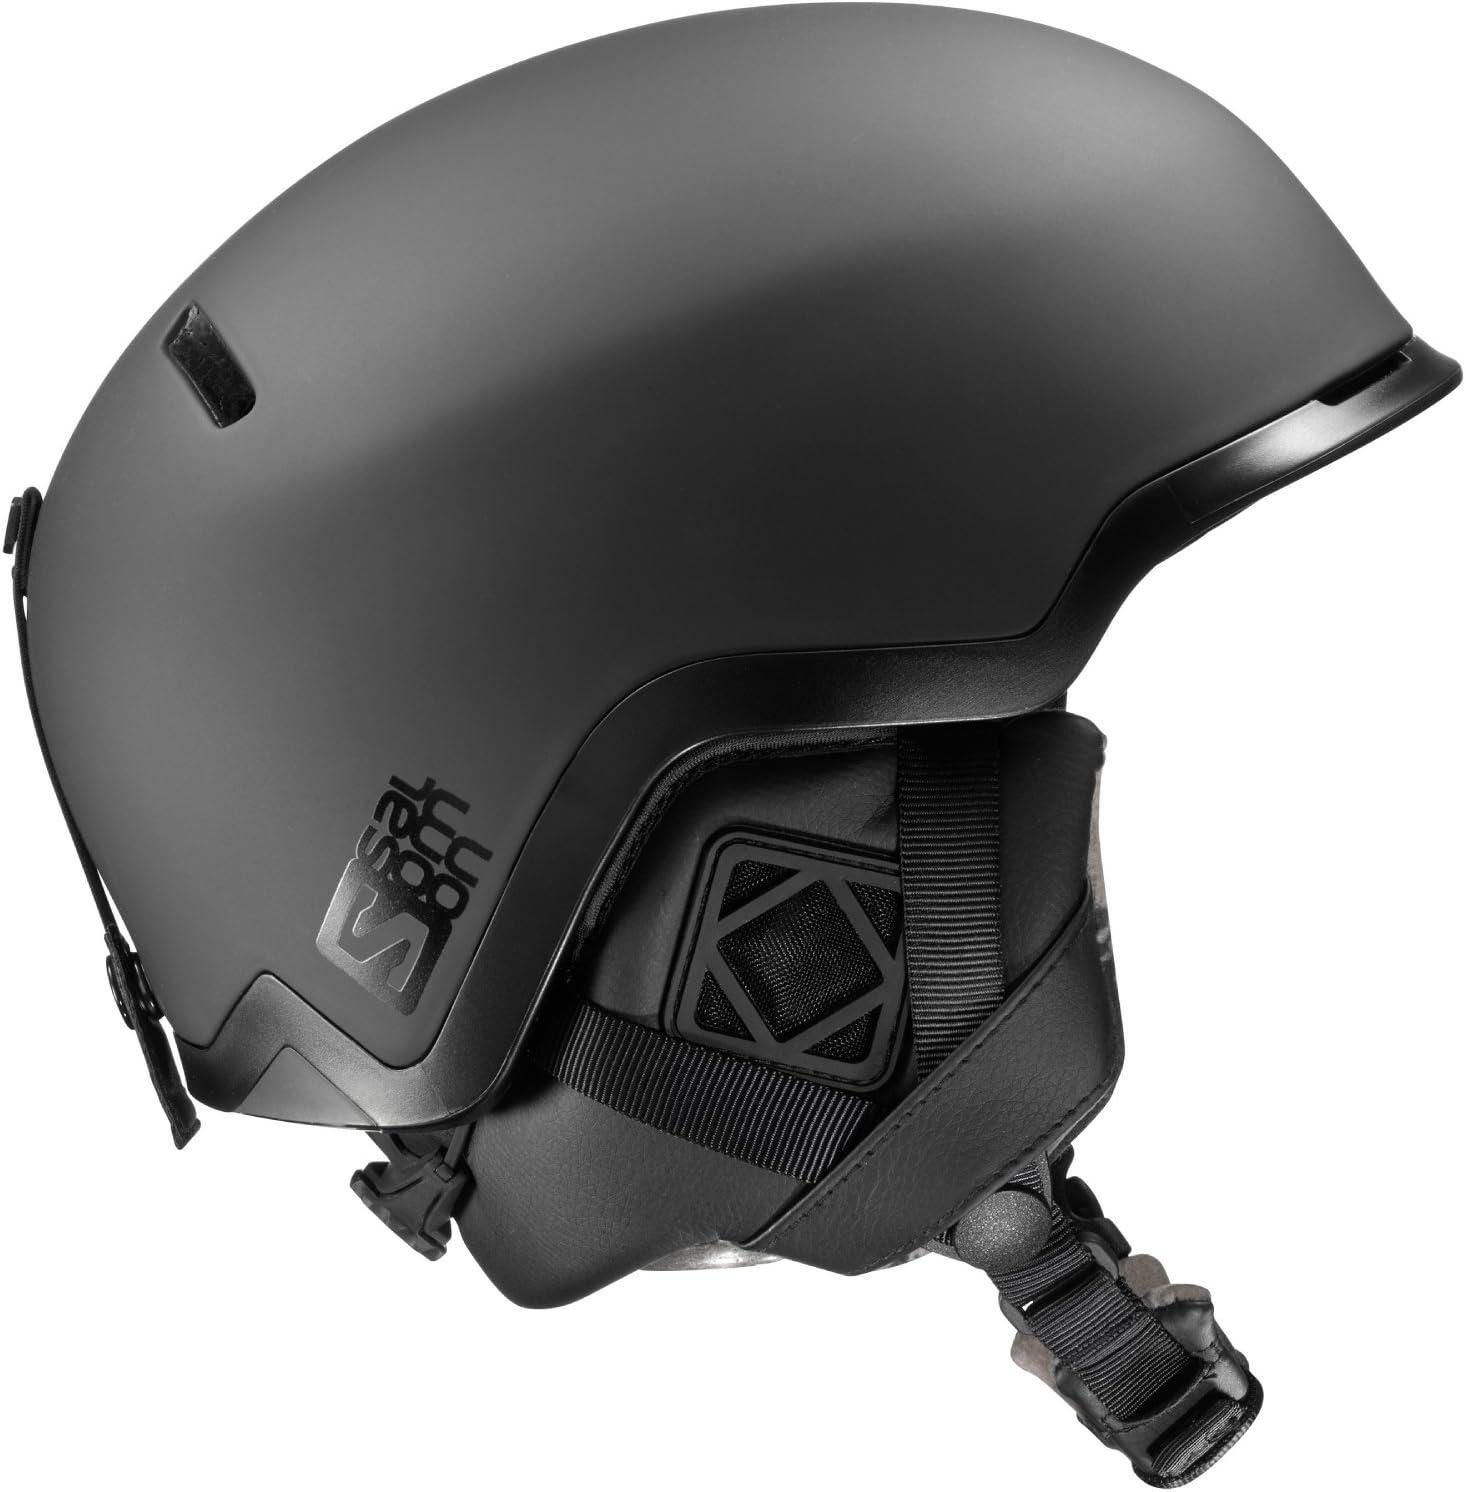 サロモン(SALOMON) スキーヘルメット HACKER (ハッカー) 黒 Small